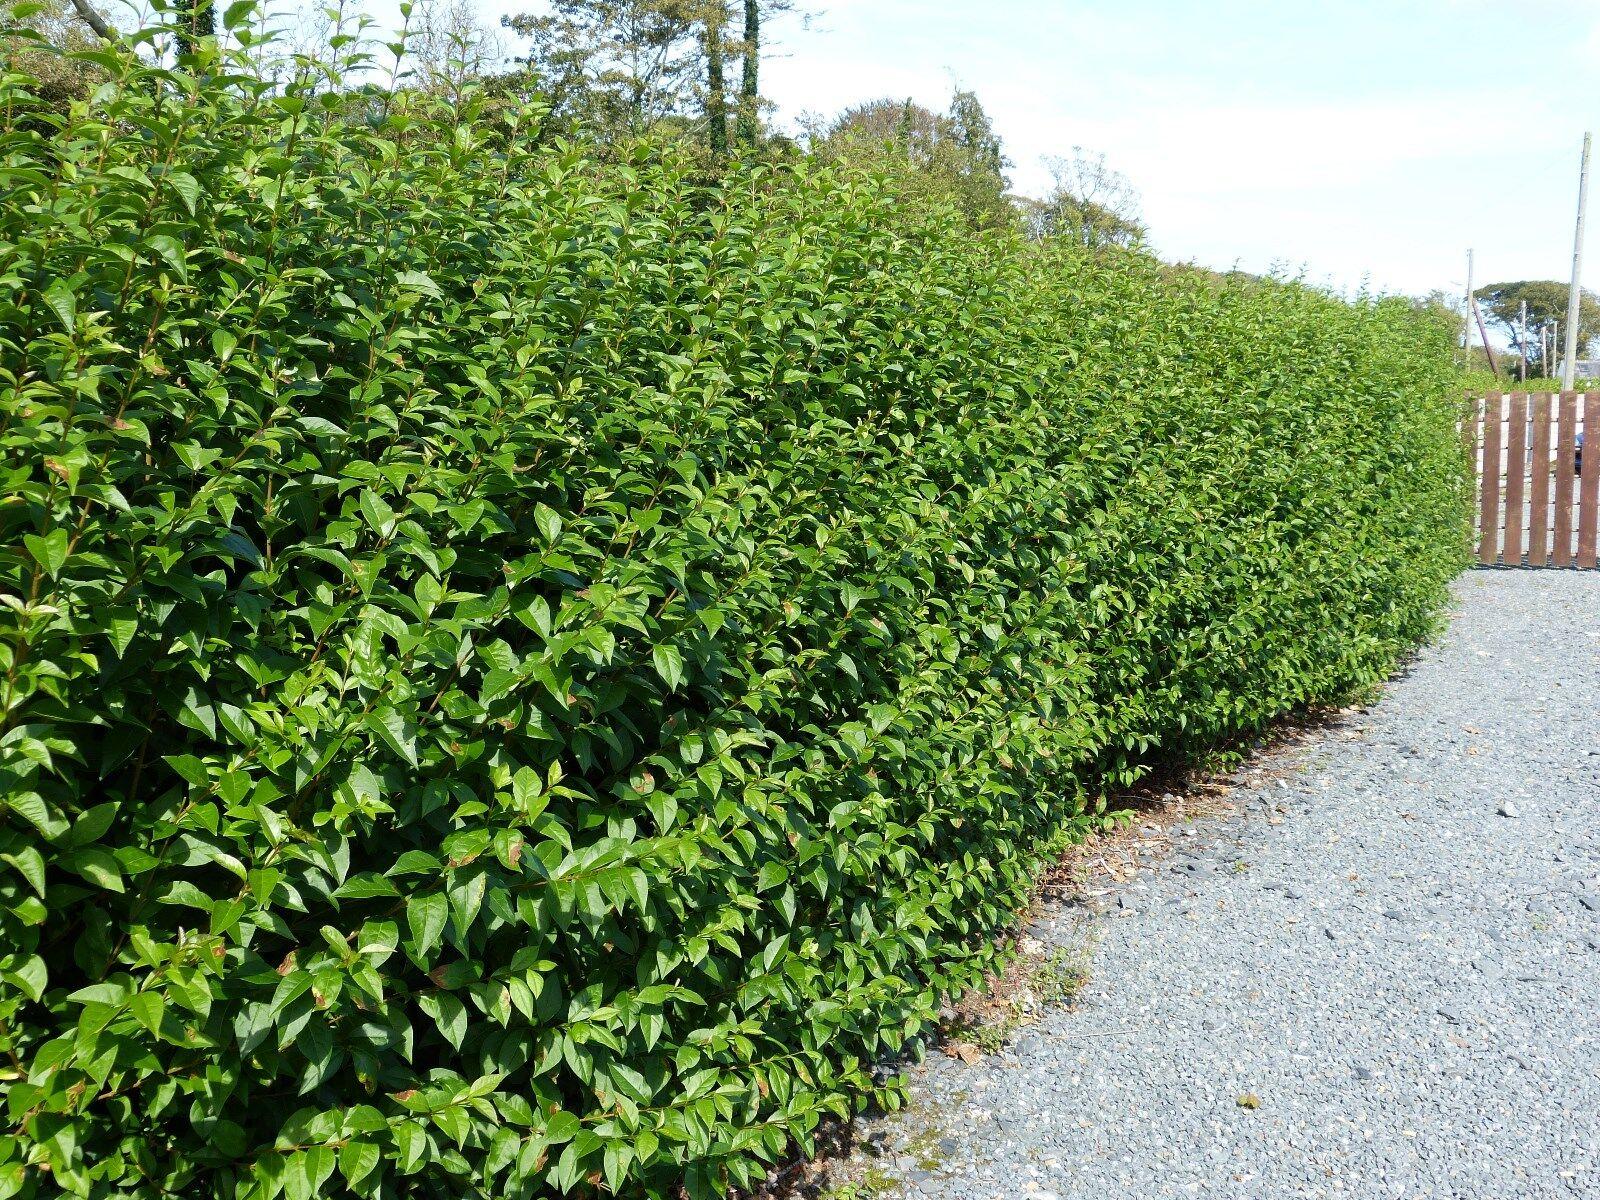 33 Green Privet Hedging Plants Ligustrum Hedge 40 60cm